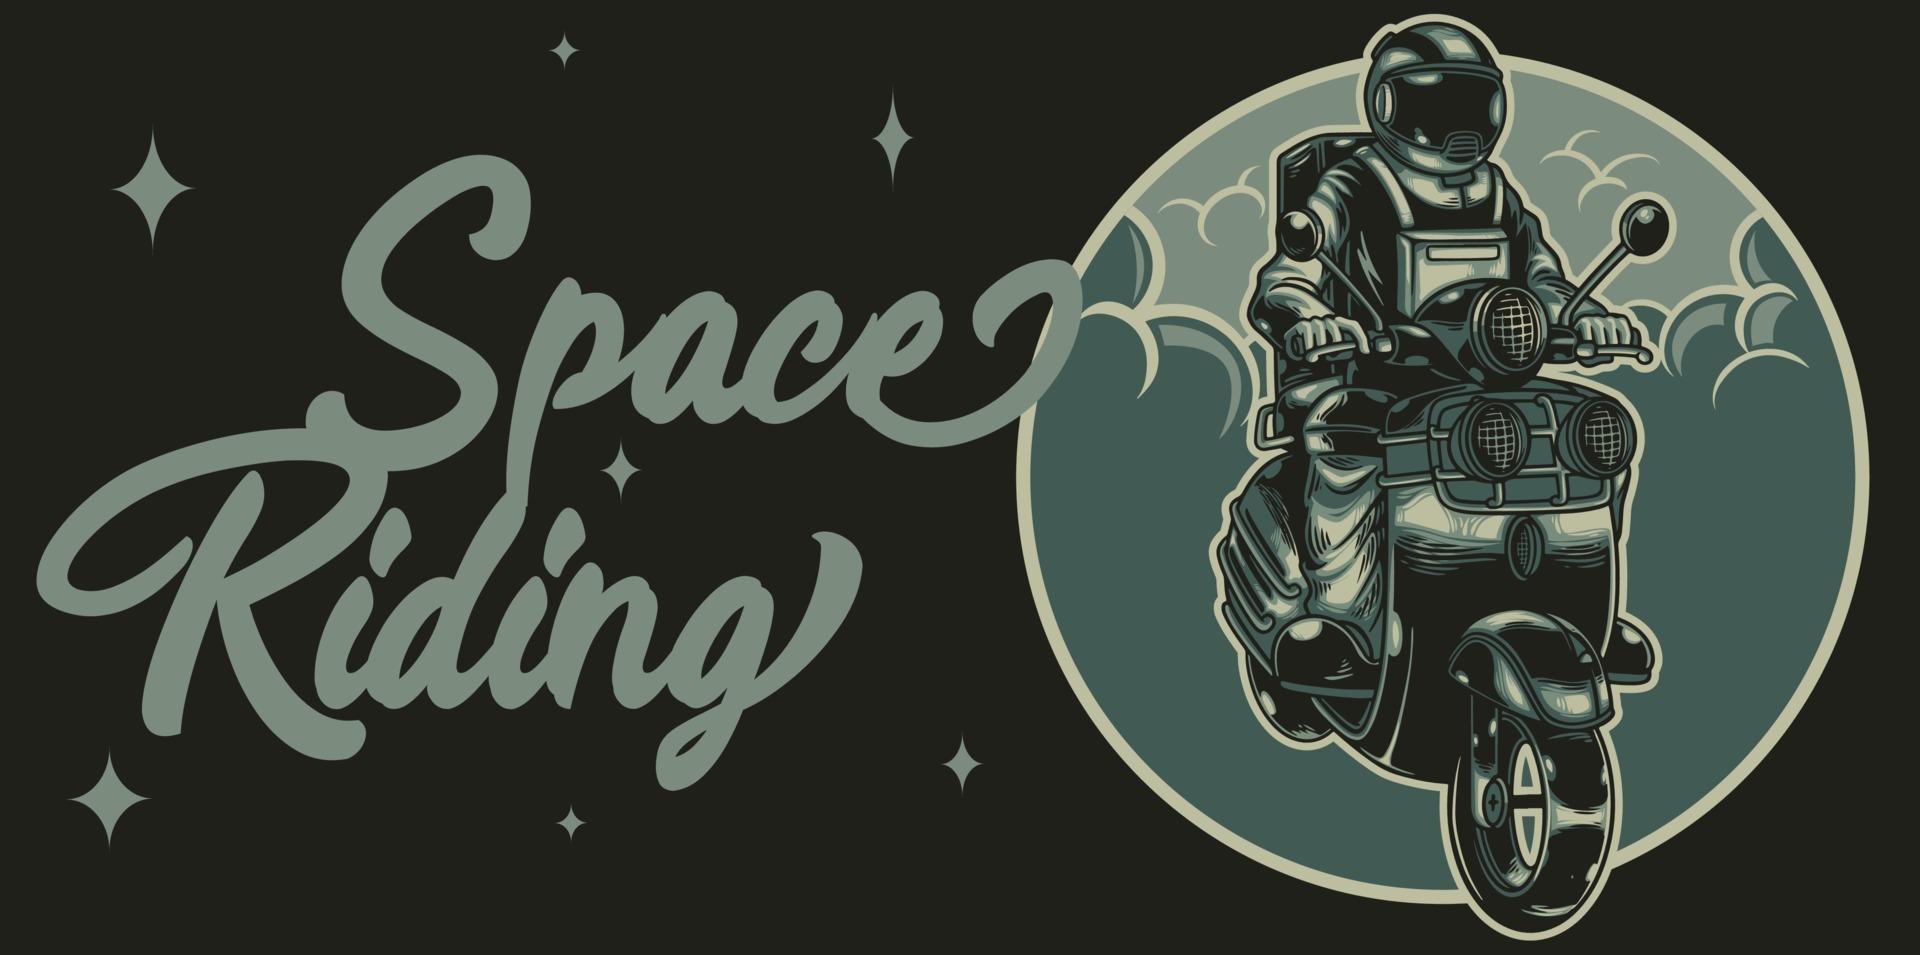 astronauta motociclista descolado viaja pelo universo em uma motocicleta em estilo vintage. tema de equitação espacial. ilustração em vetor amante motociclista. bom para pôster, logotipo, adesivo ou mercadoria de vestuário.